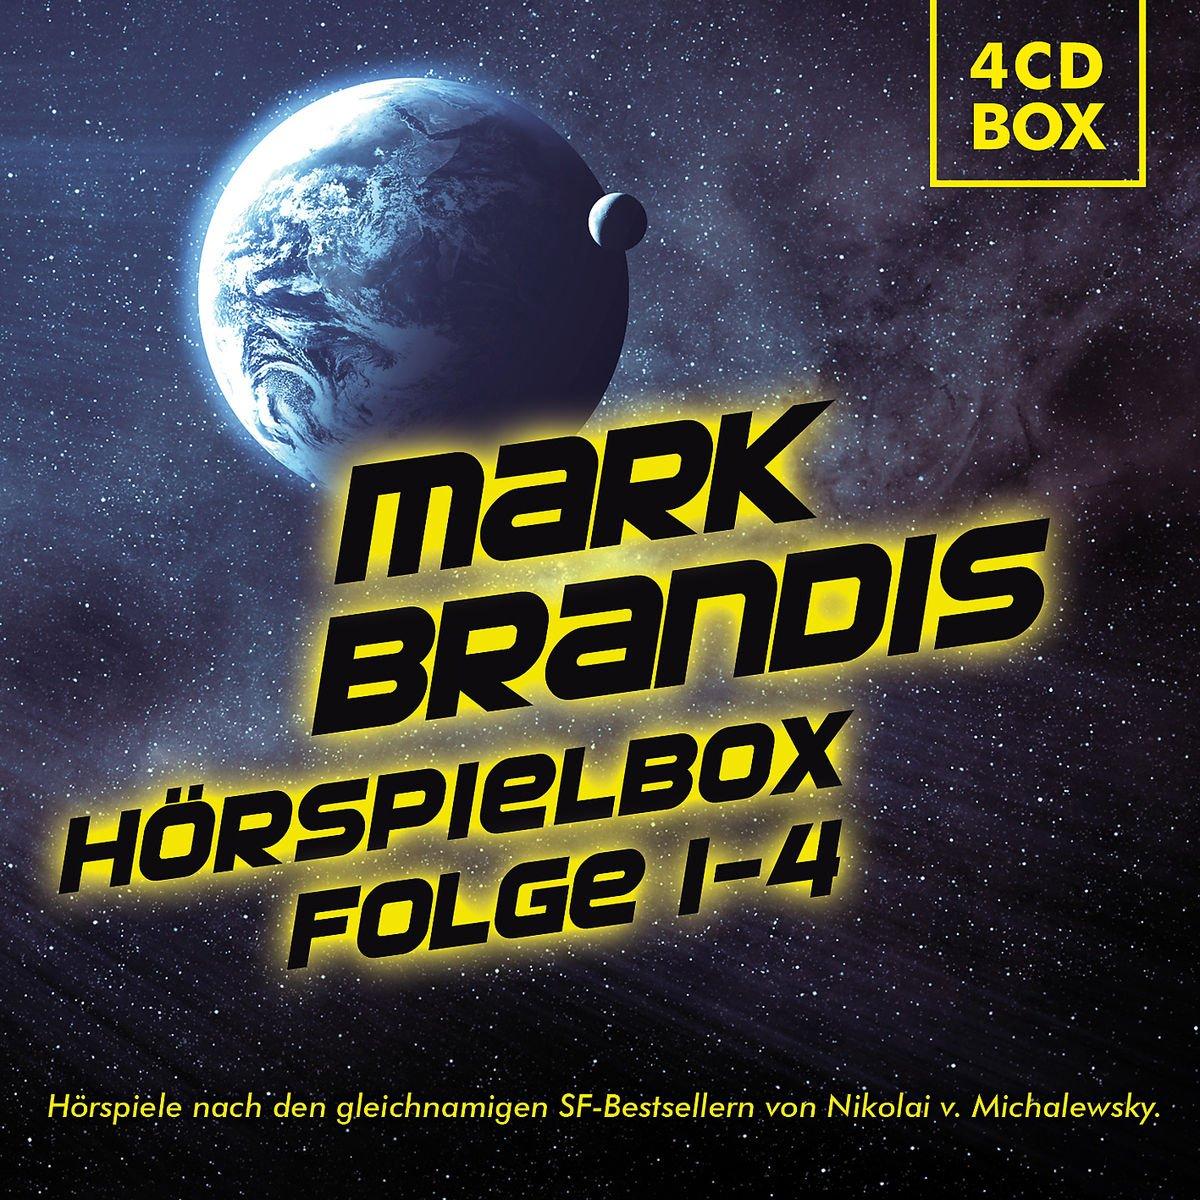 Mark Brandis Hörspiel Box Folgen 1-4 (Folgenreich)